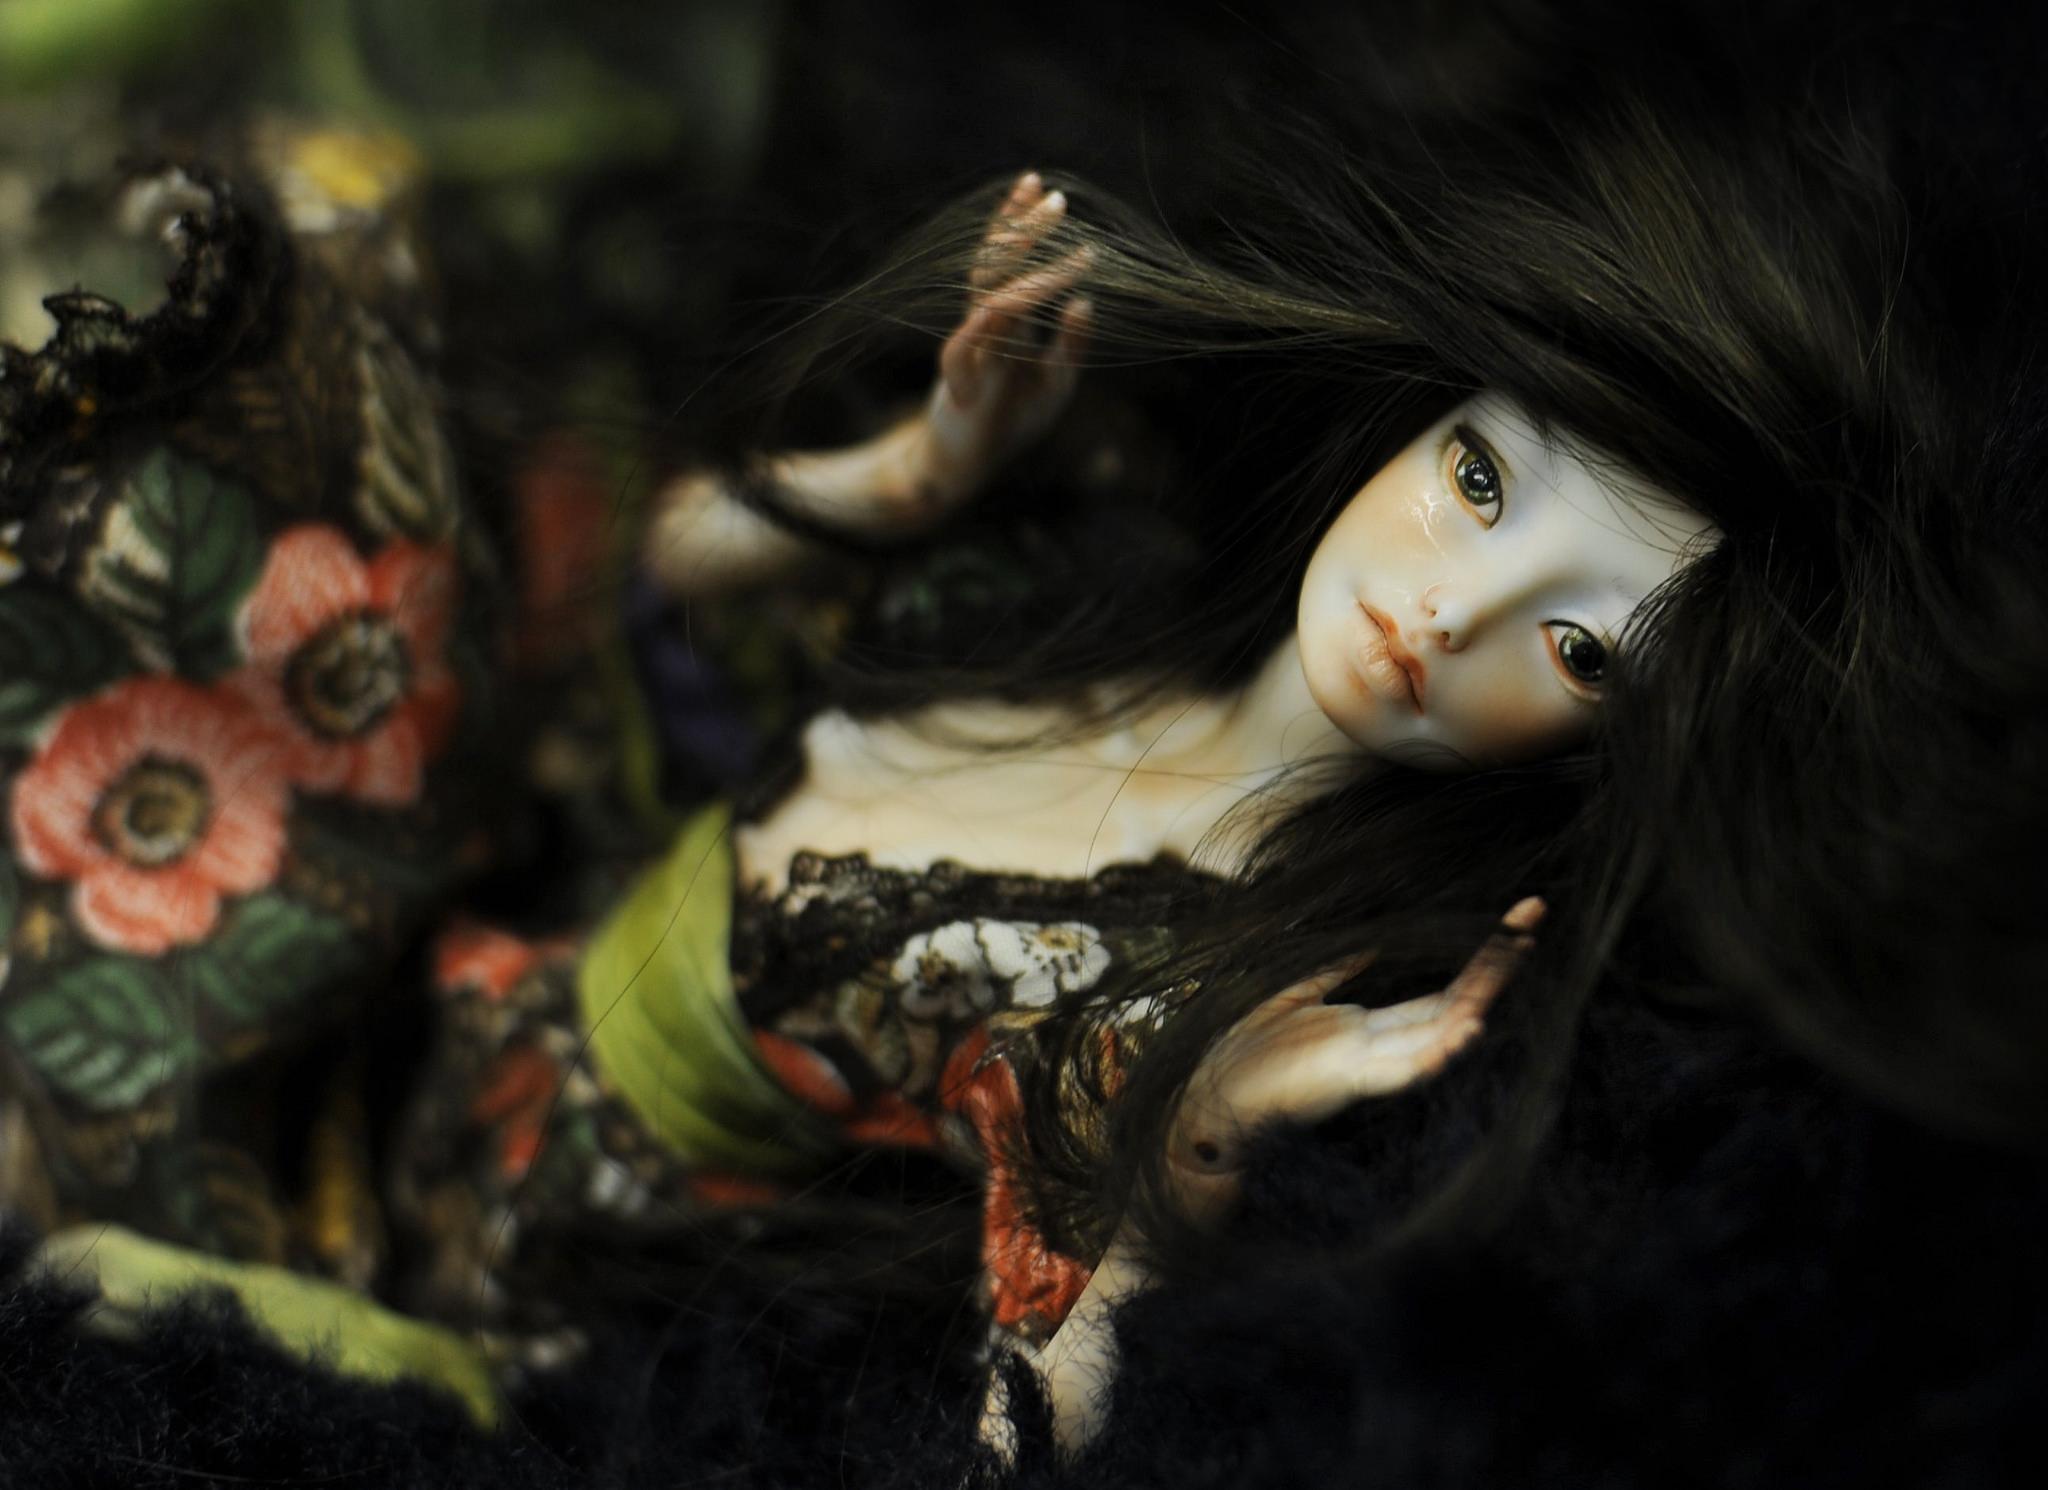 7. Little Goblin Girl